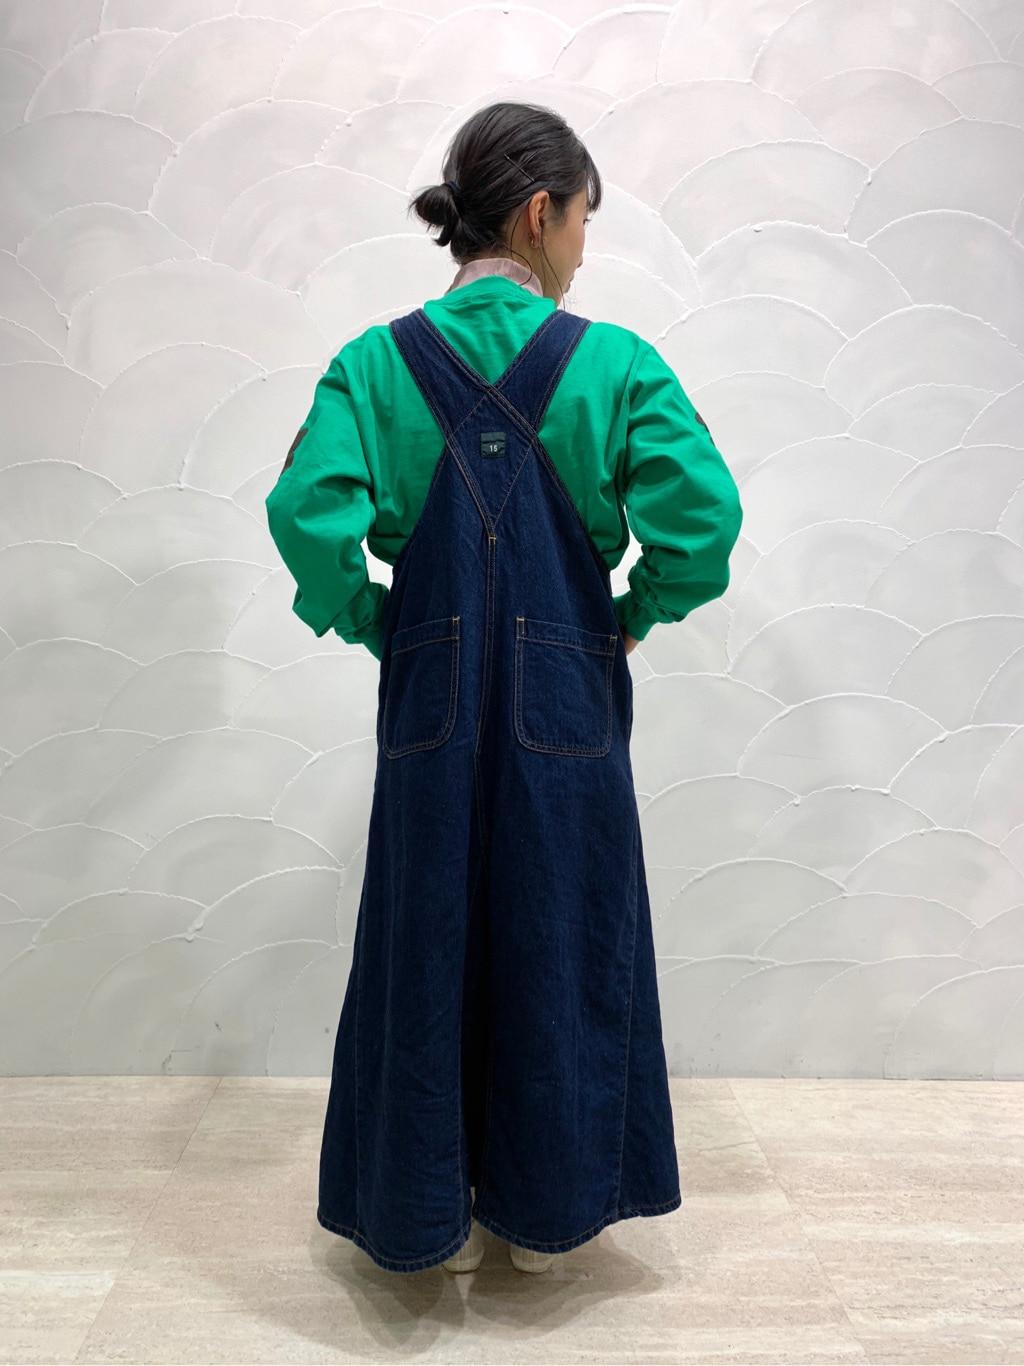 l'atelier du savon ルミネ横浜 身長:148cm 2021.03.25